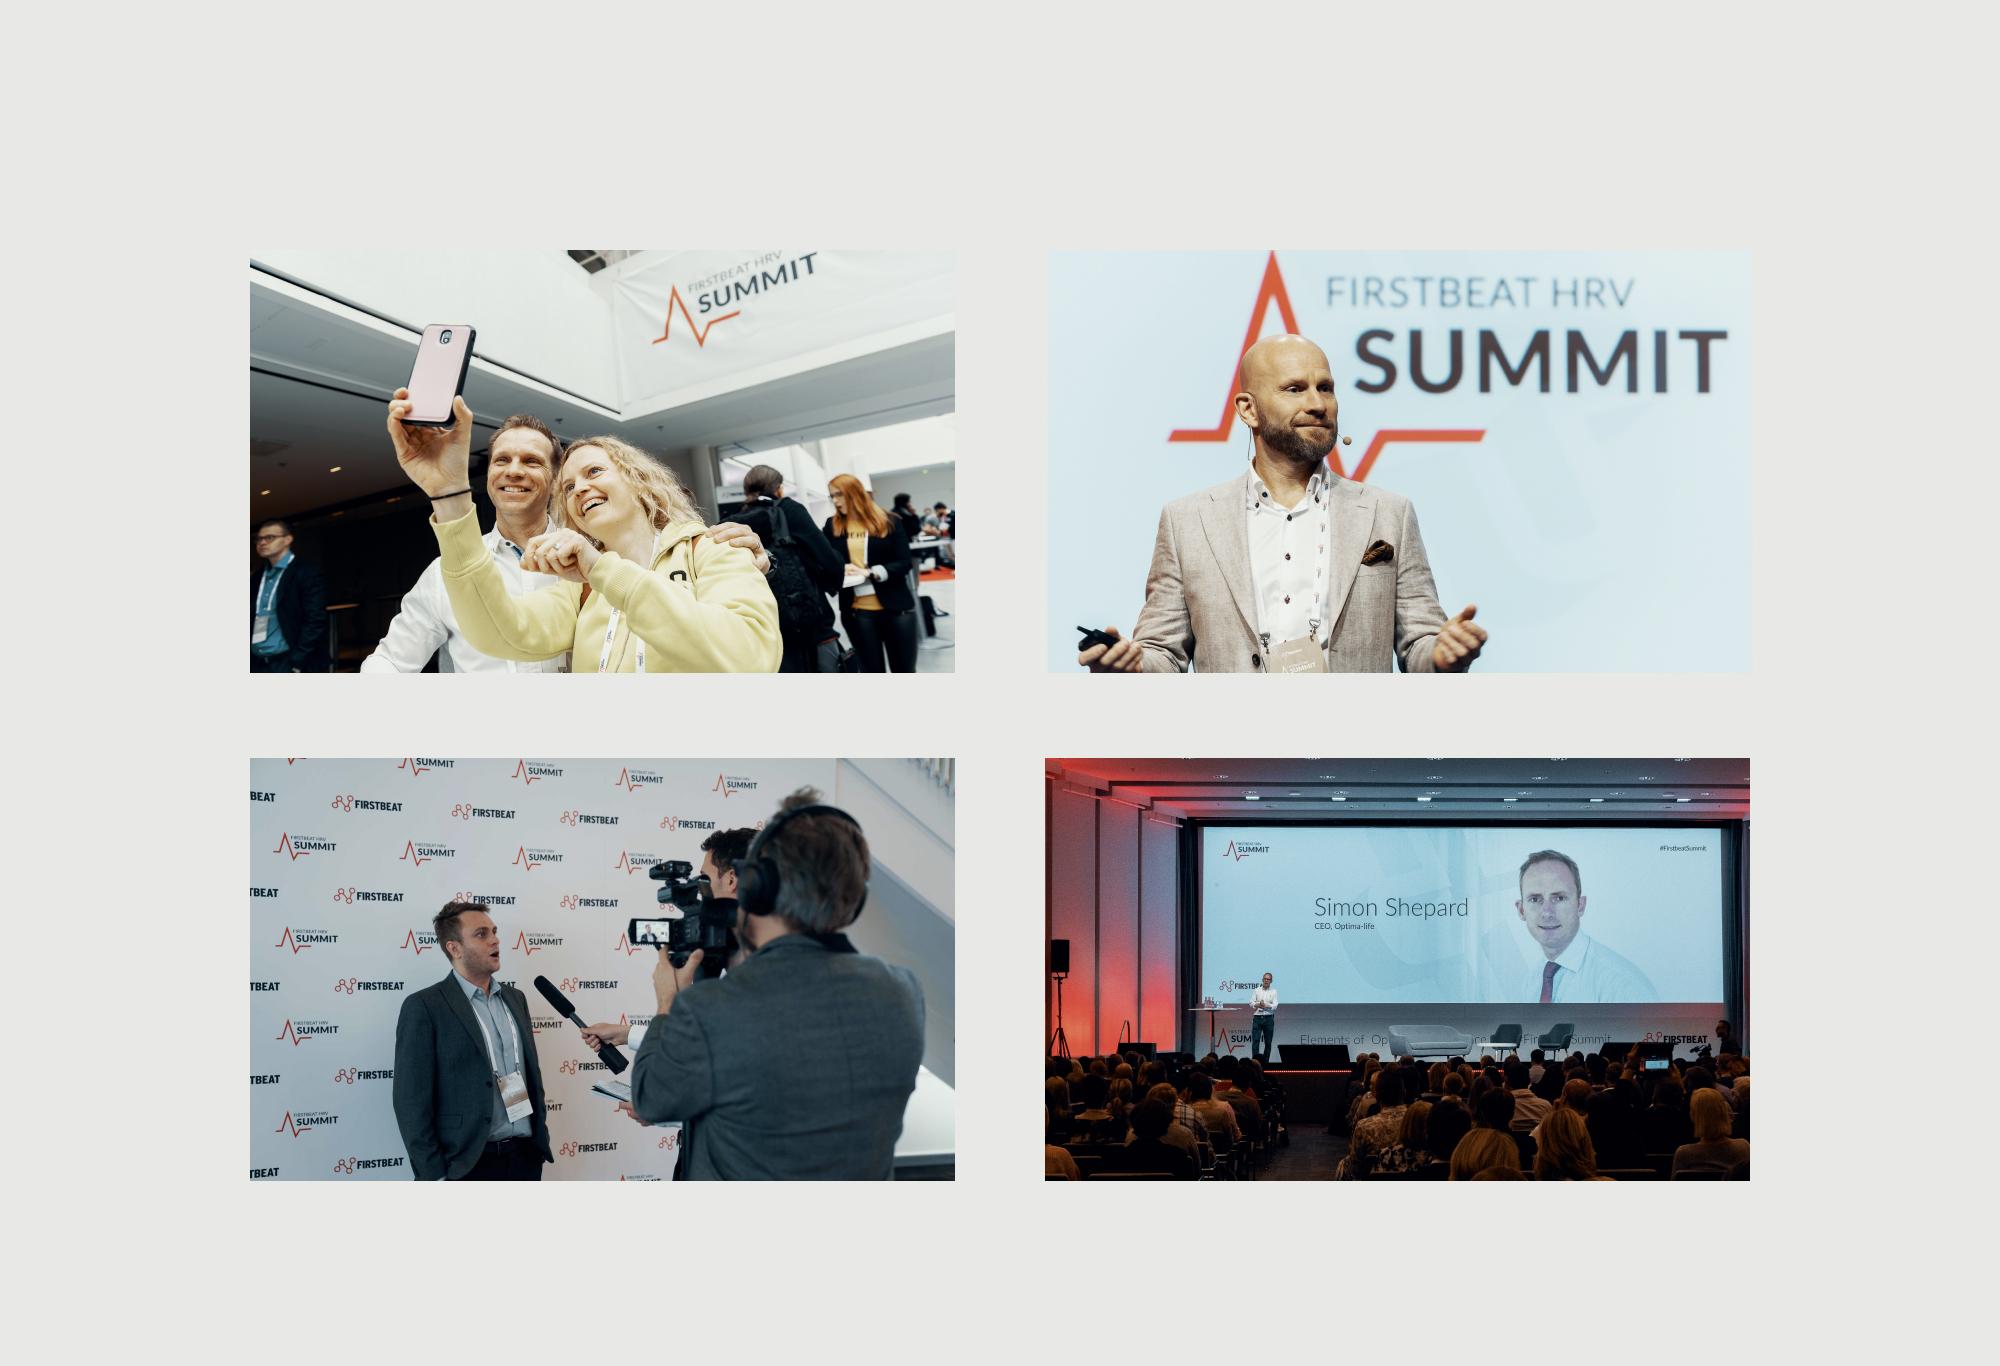 Firstbeat HRV Summit photos